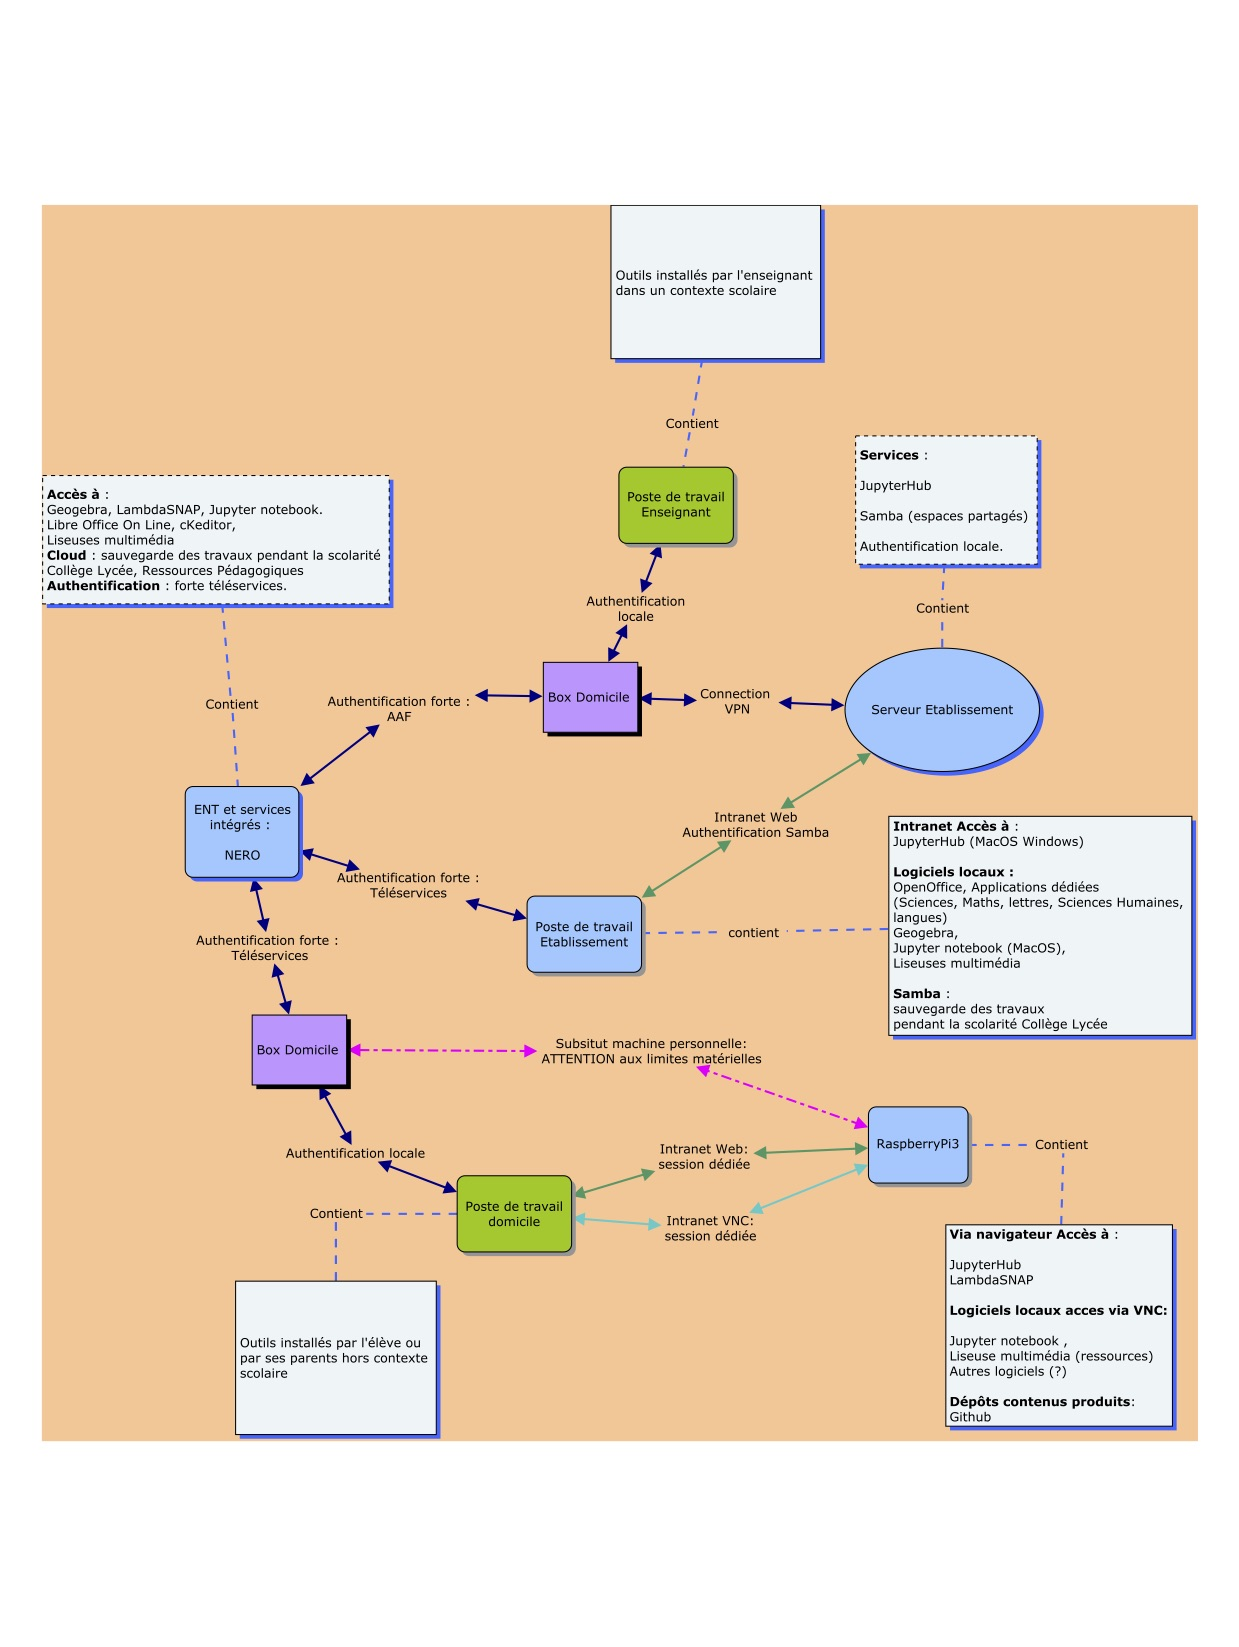 Contextualisation de la raspberry Pi3 Tremplin dans l'environnement de travail de l'élève.